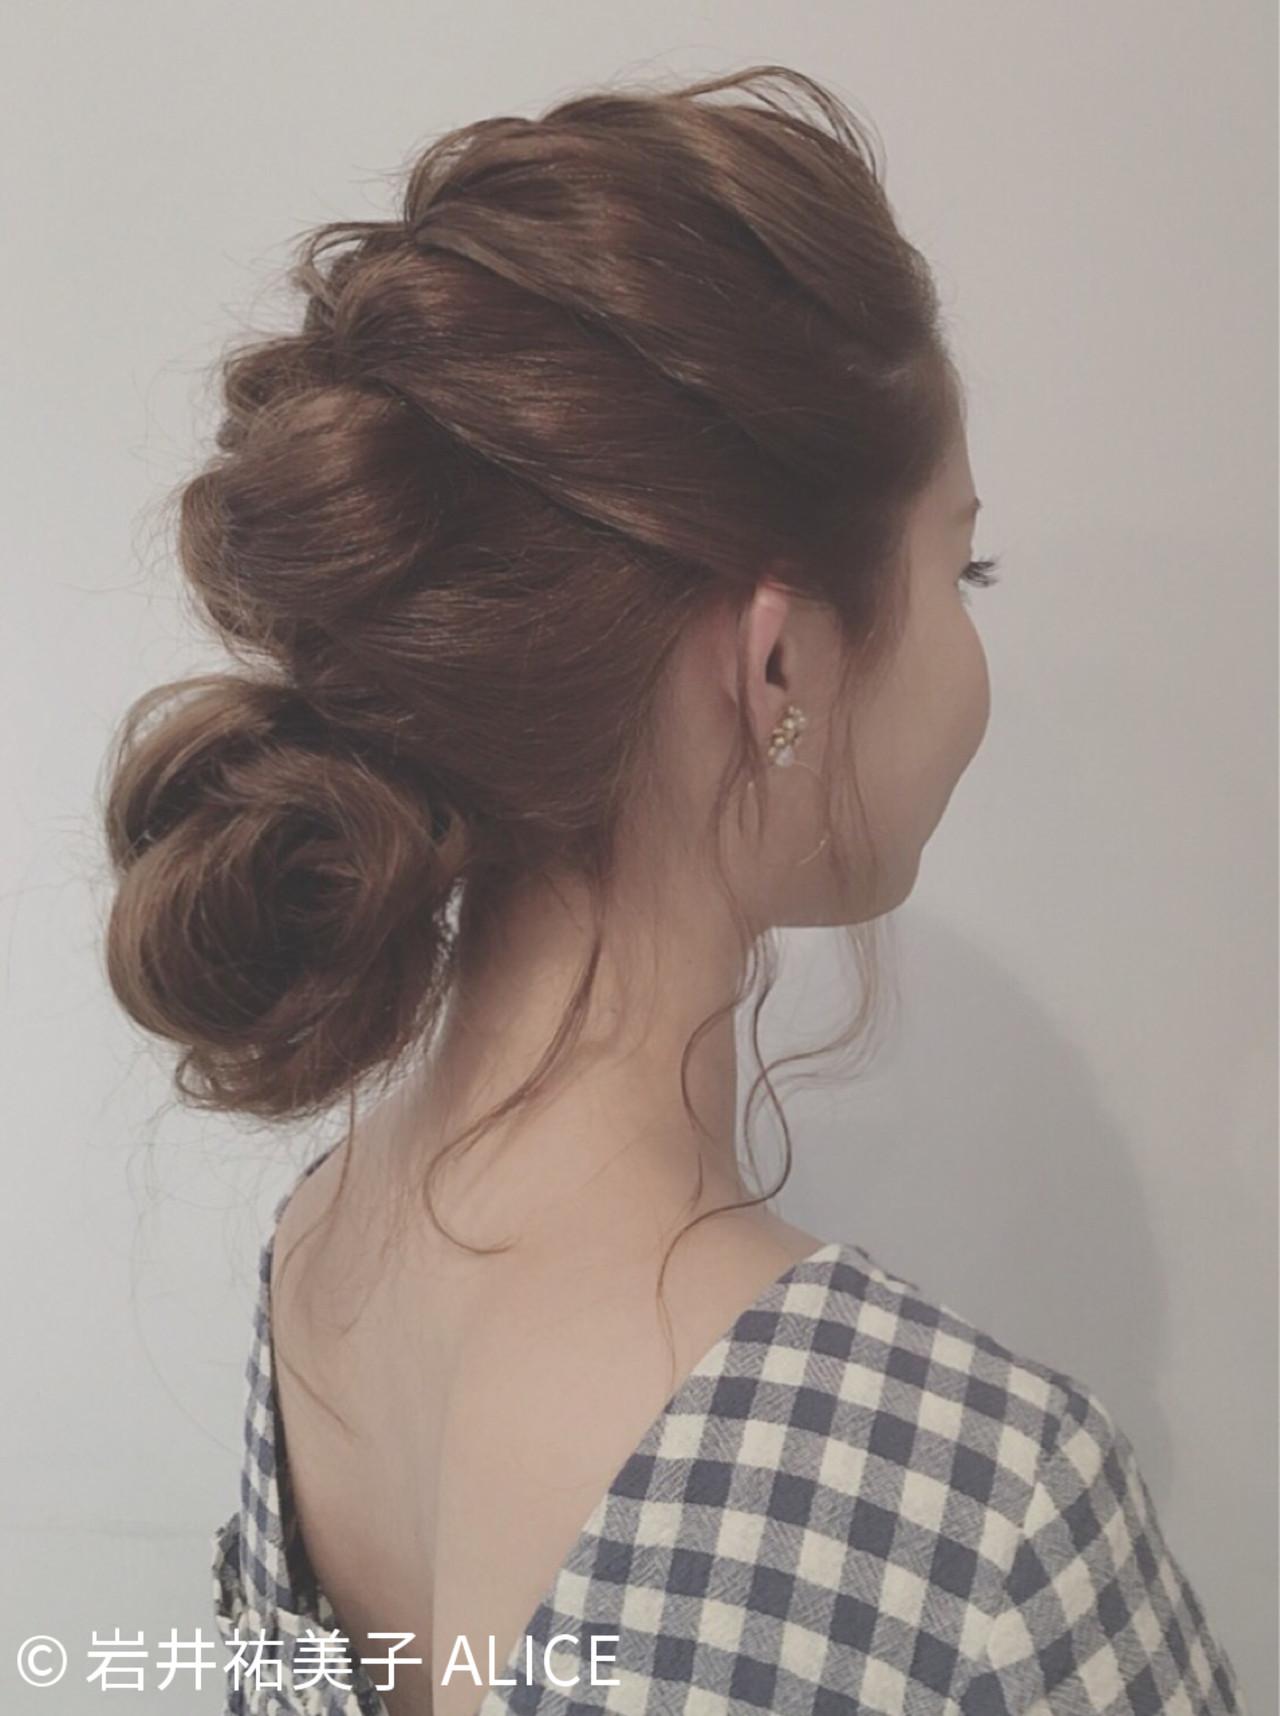 結婚式 お団子 ヘアアレンジ ショート ヘアスタイルや髪型の写真・画像 | 岩井祐美子 ALICE / Alice